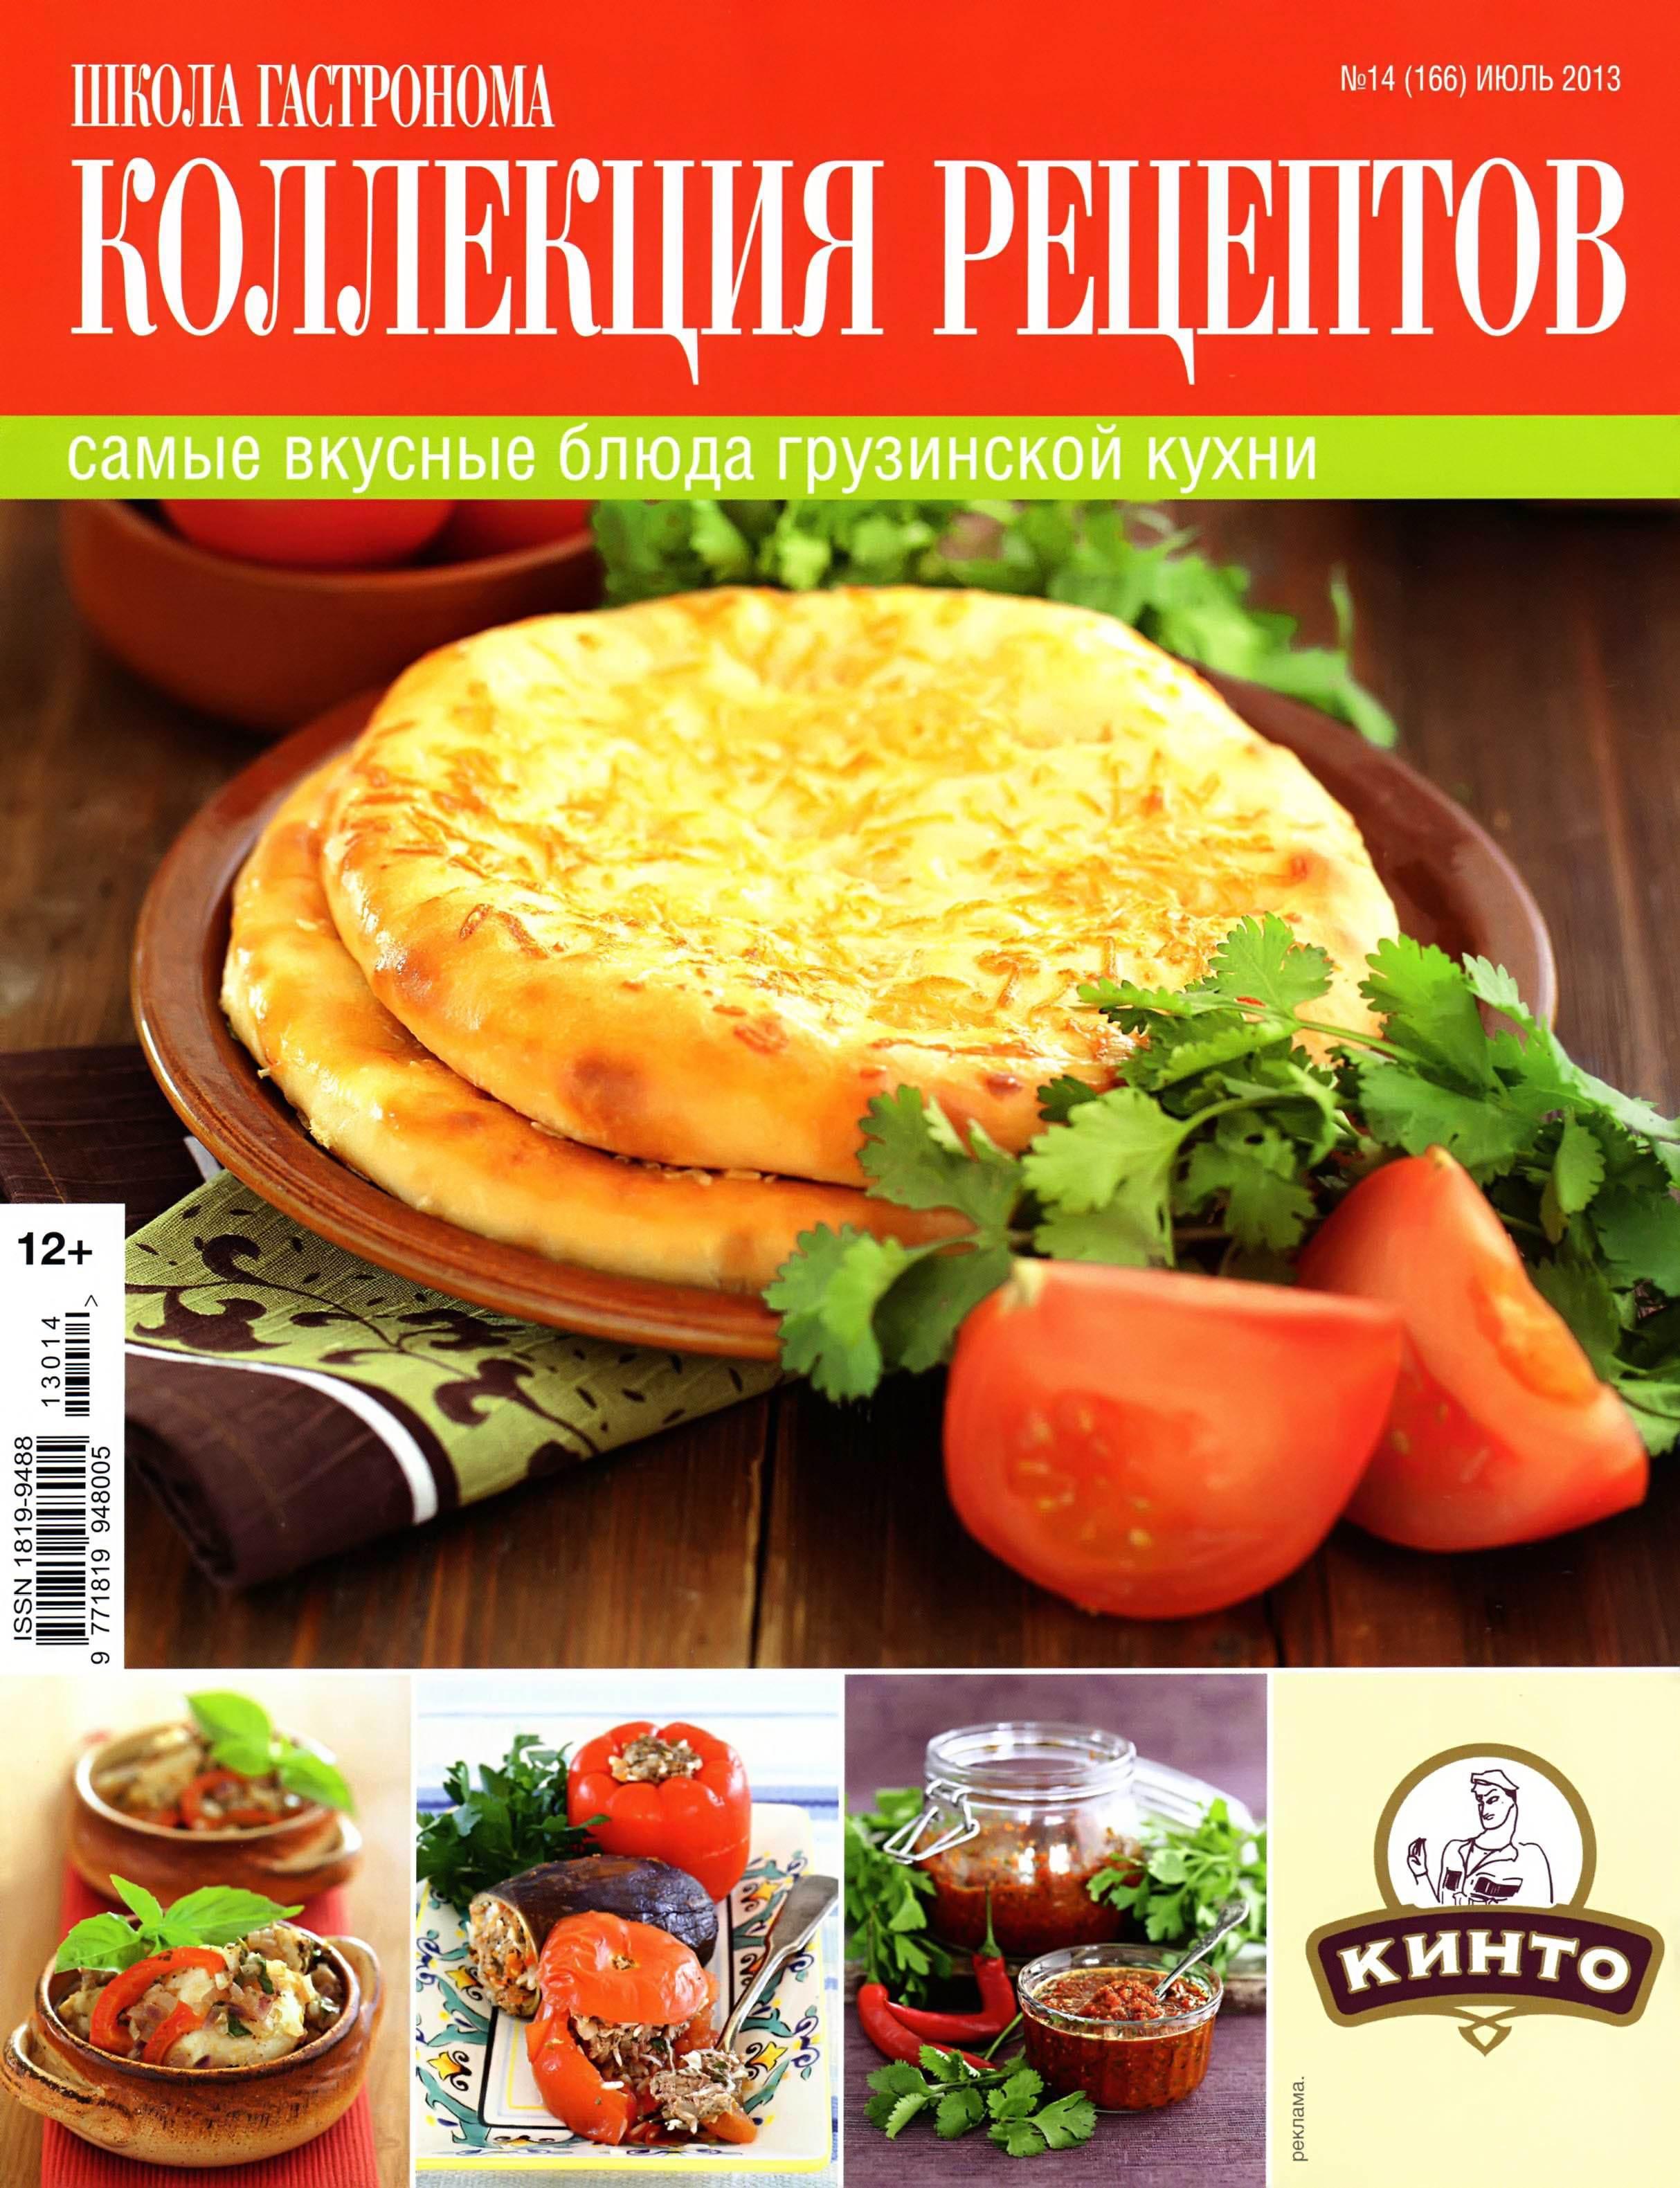 SHkola gastronoma. Kollektsiya retseptov    14 2013 goda Школа гастронома. Коллекция рецептов №22 2013 года